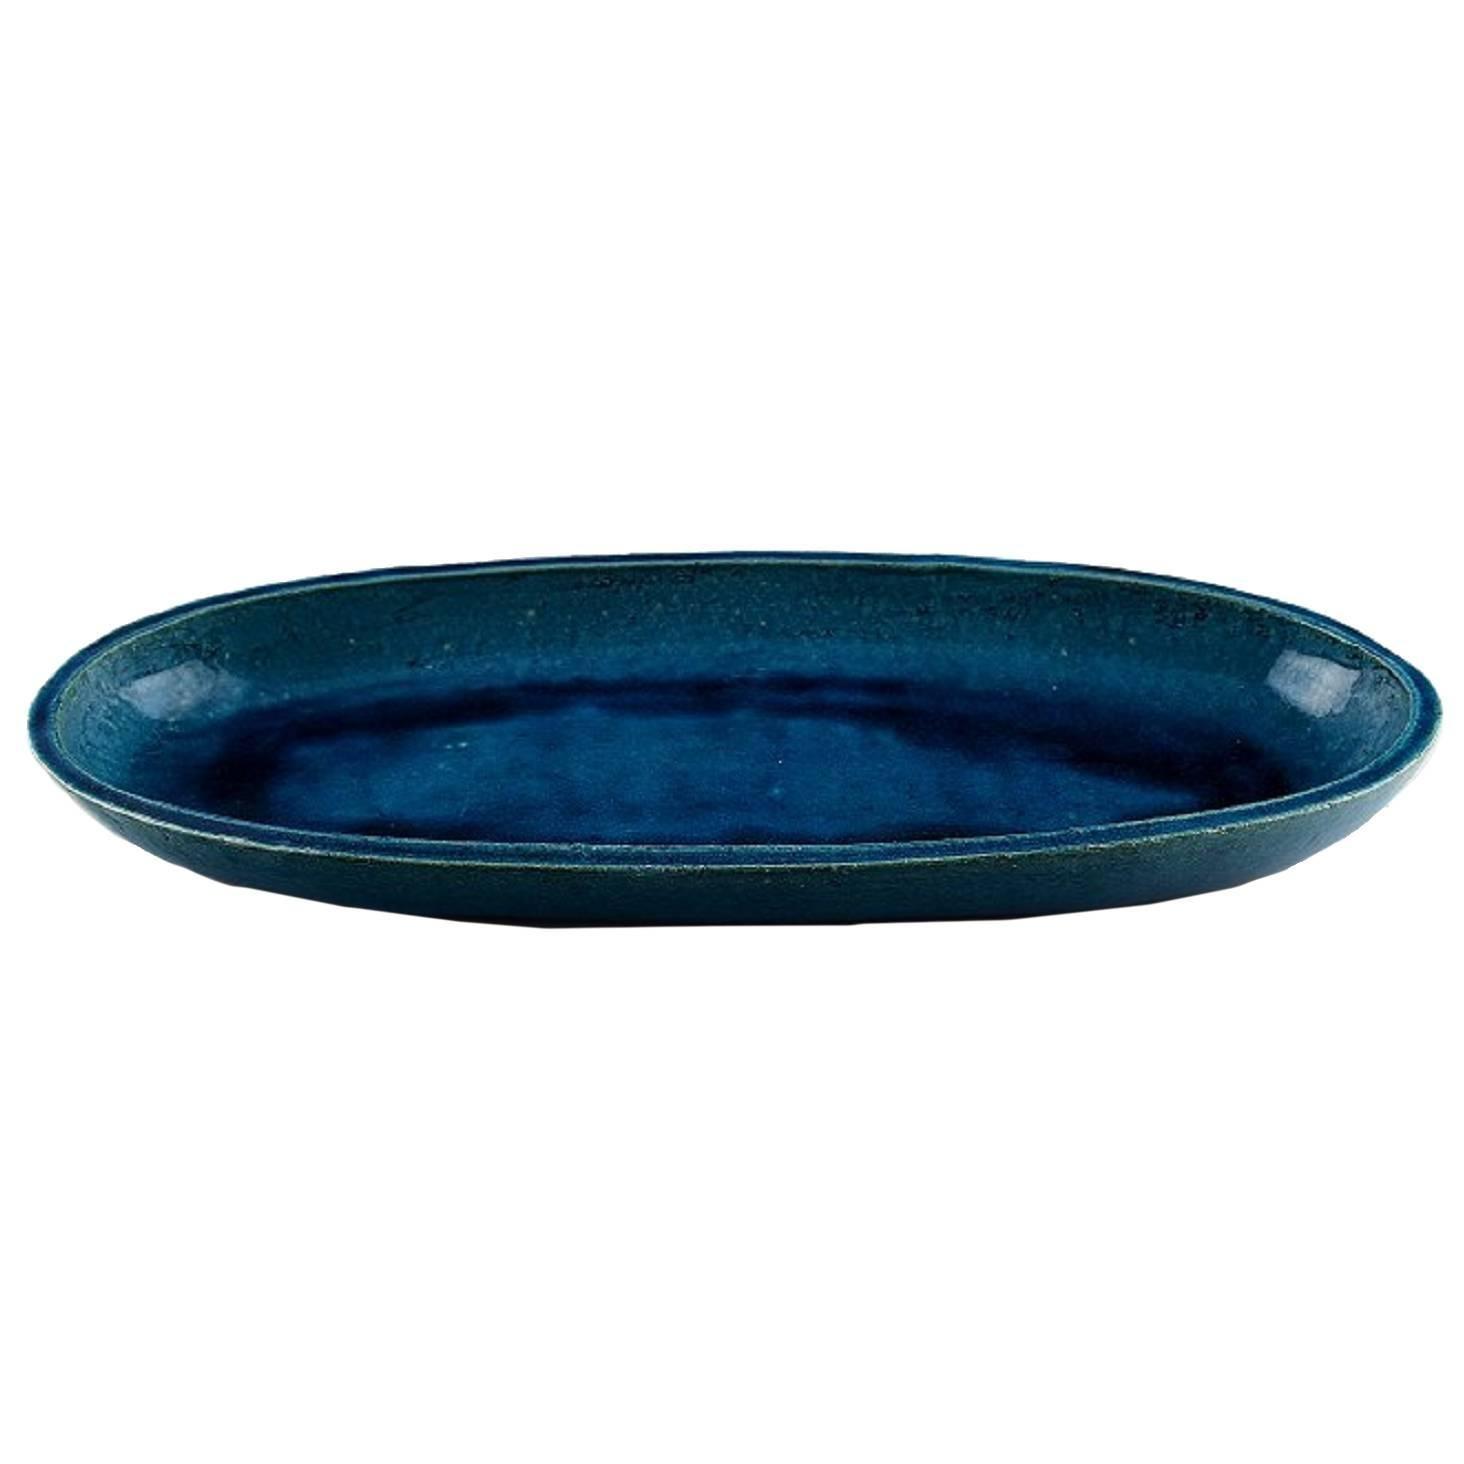 Kähler, Denmark, Huge Glazed Stoneware Platter / Tray, 1960s